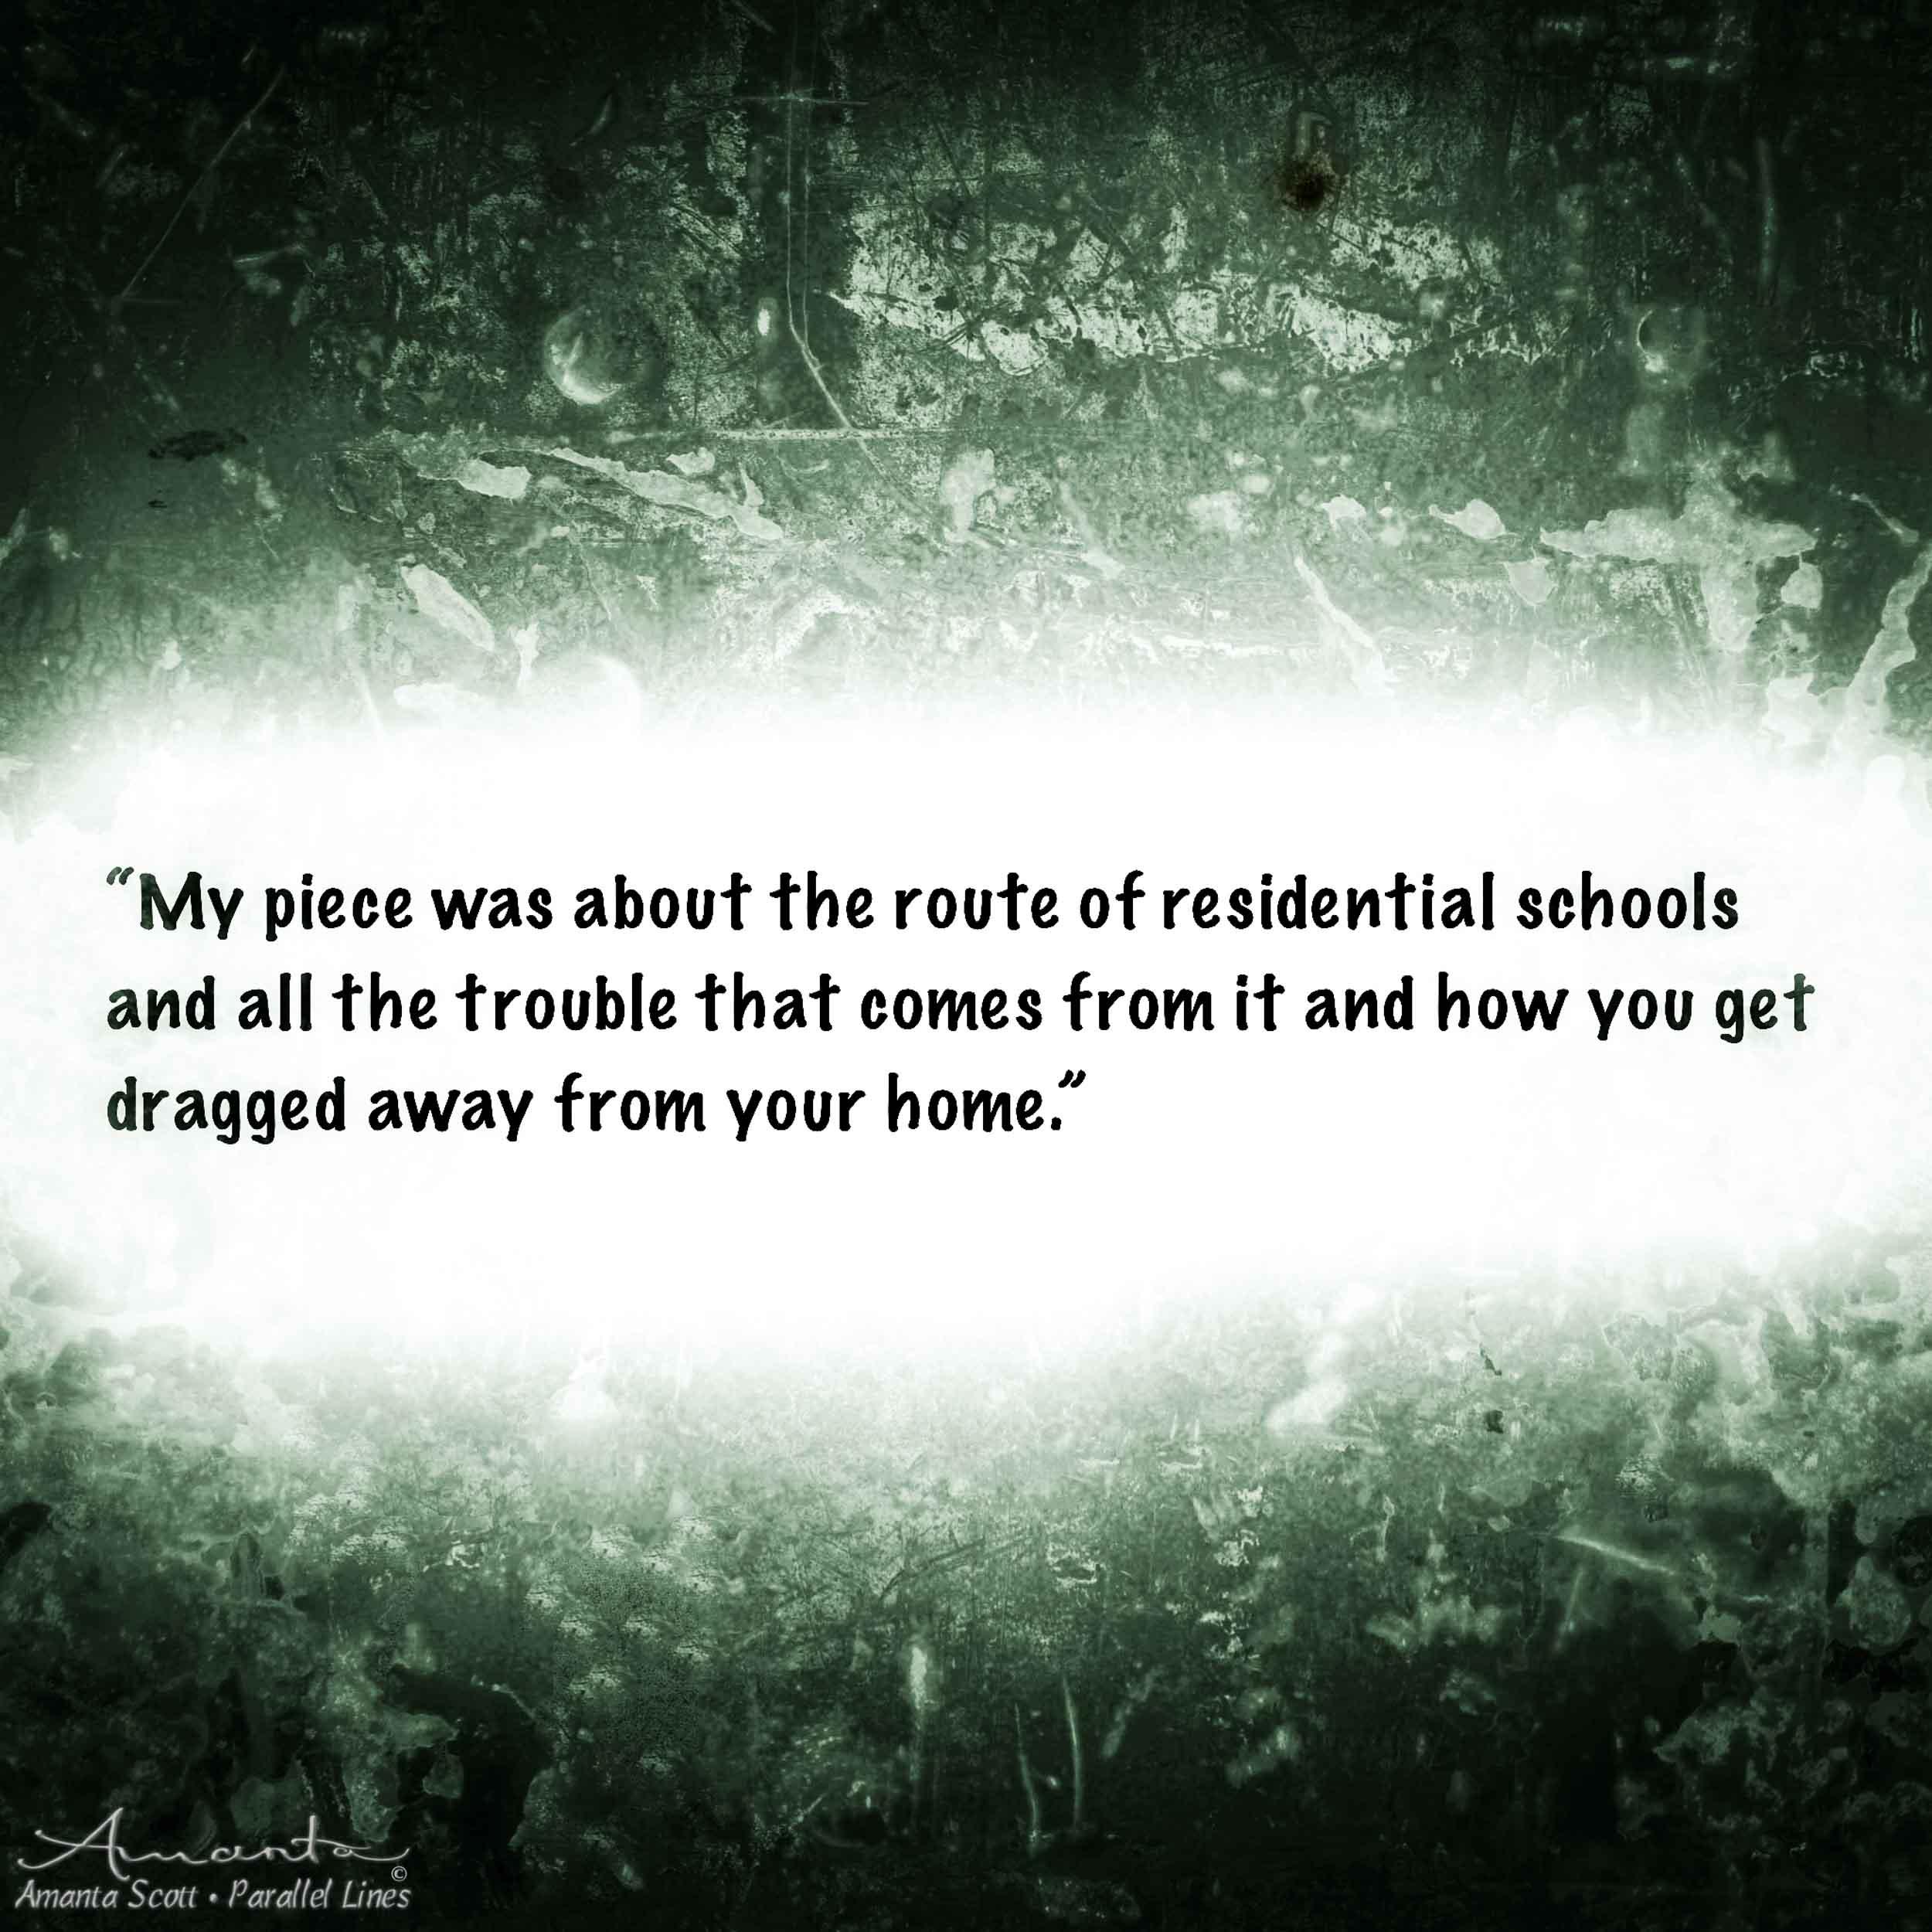 residential schools-6524.jpg